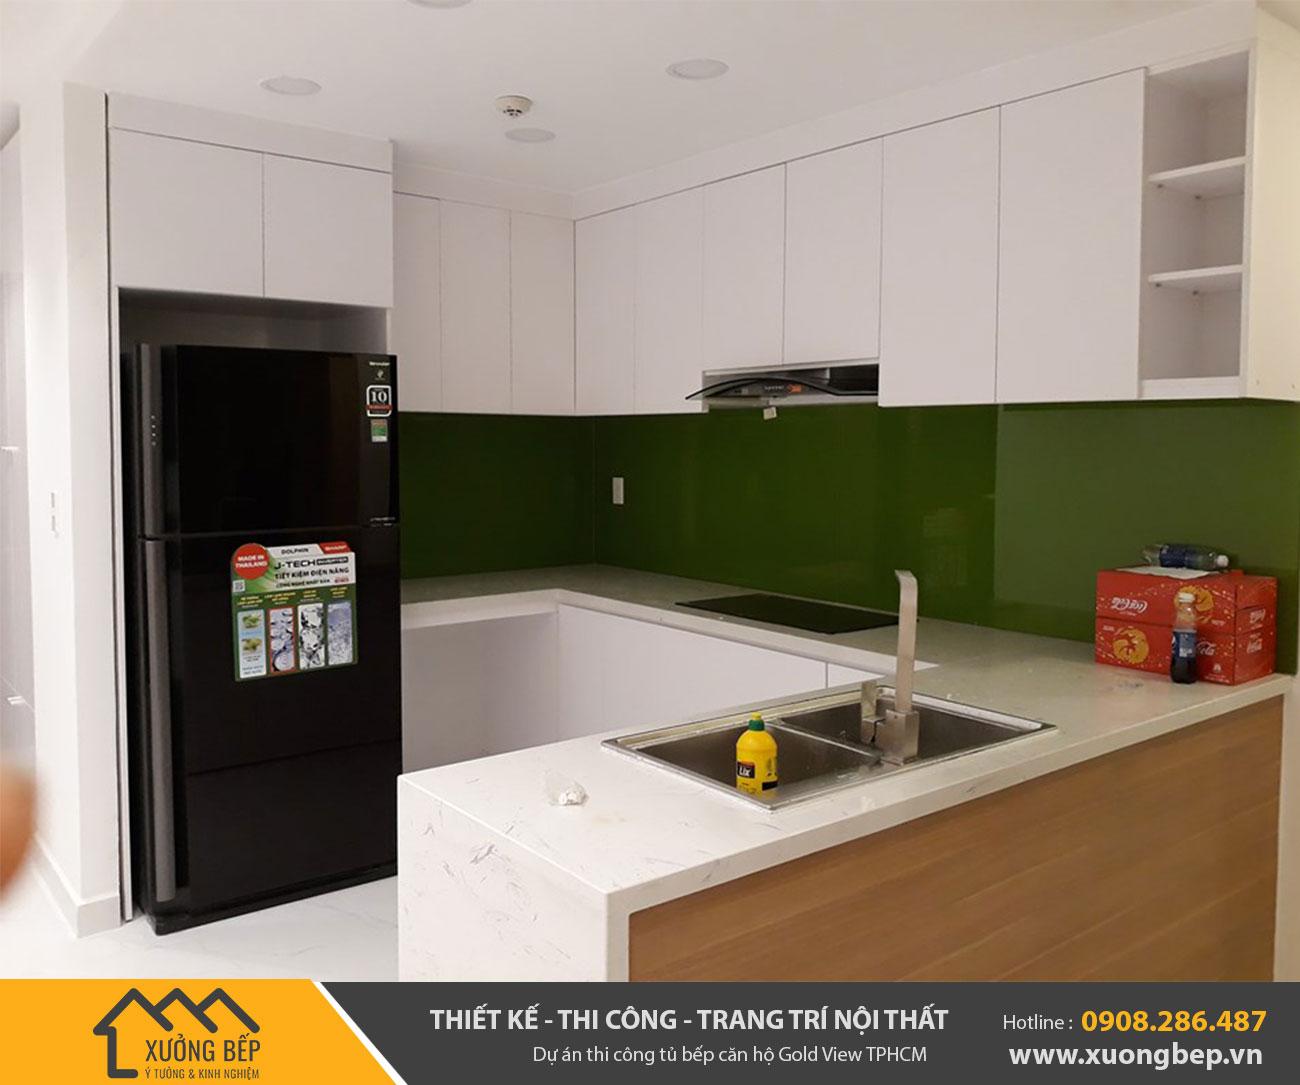 Dự án thiết kế thi công lắp đặp tủ bếp căn hộ Gold View TPHCM DA3